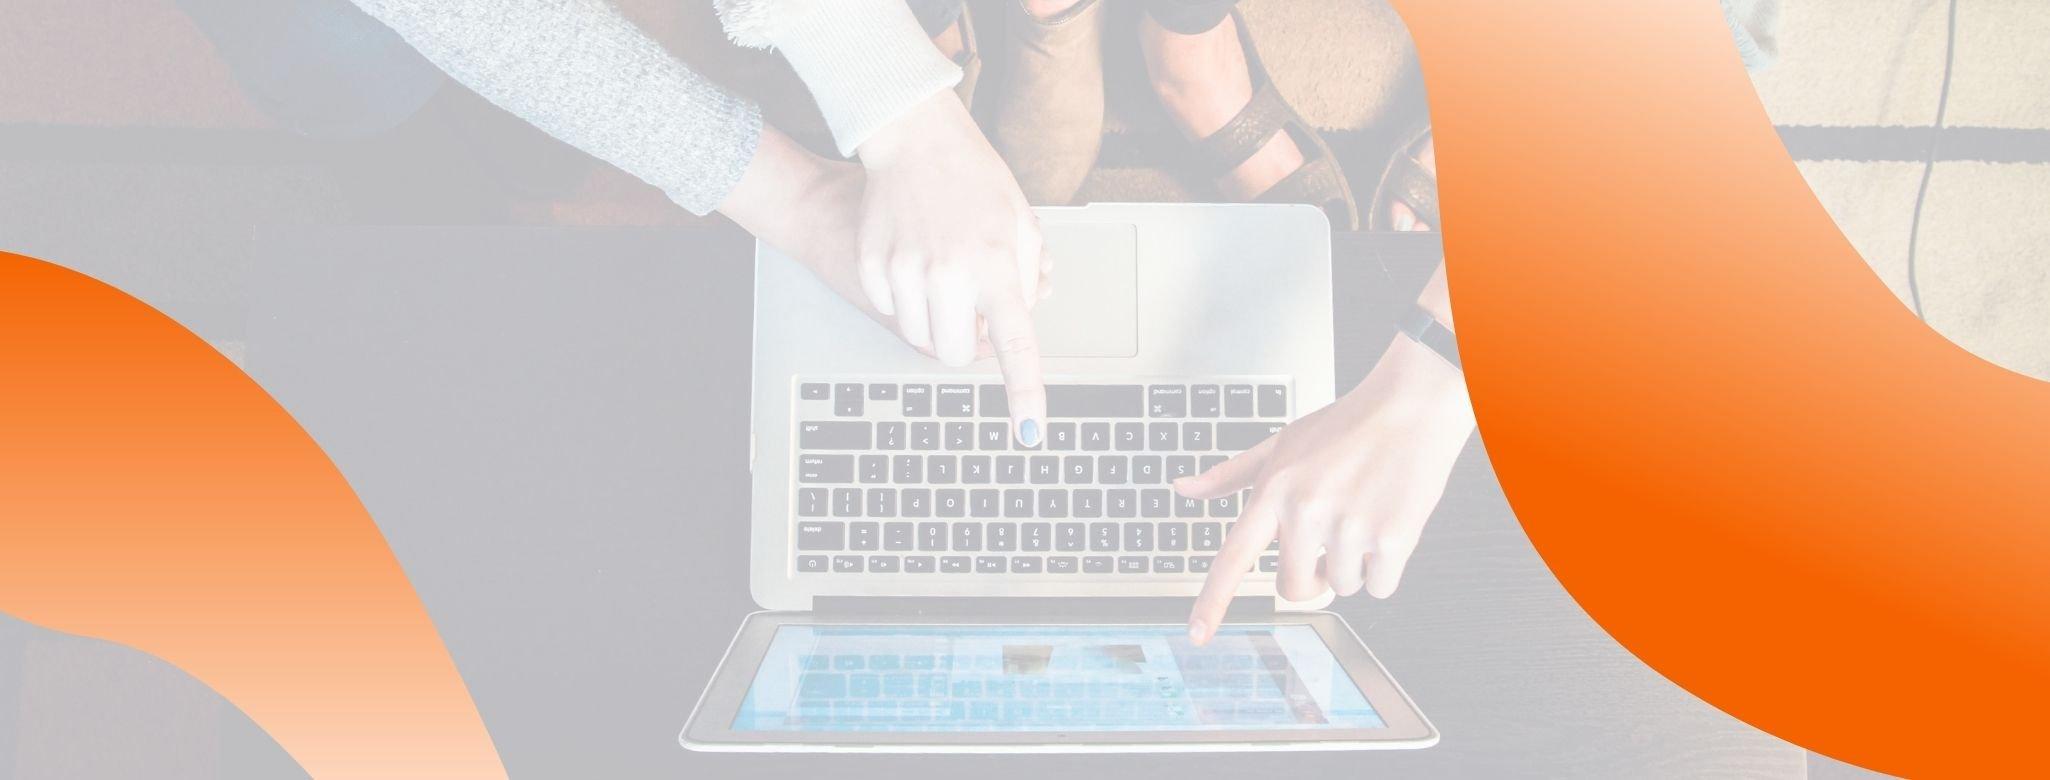 5 buone ragioni per cui hai bisogno di un sito web Eidos Marketing Web Design FVG